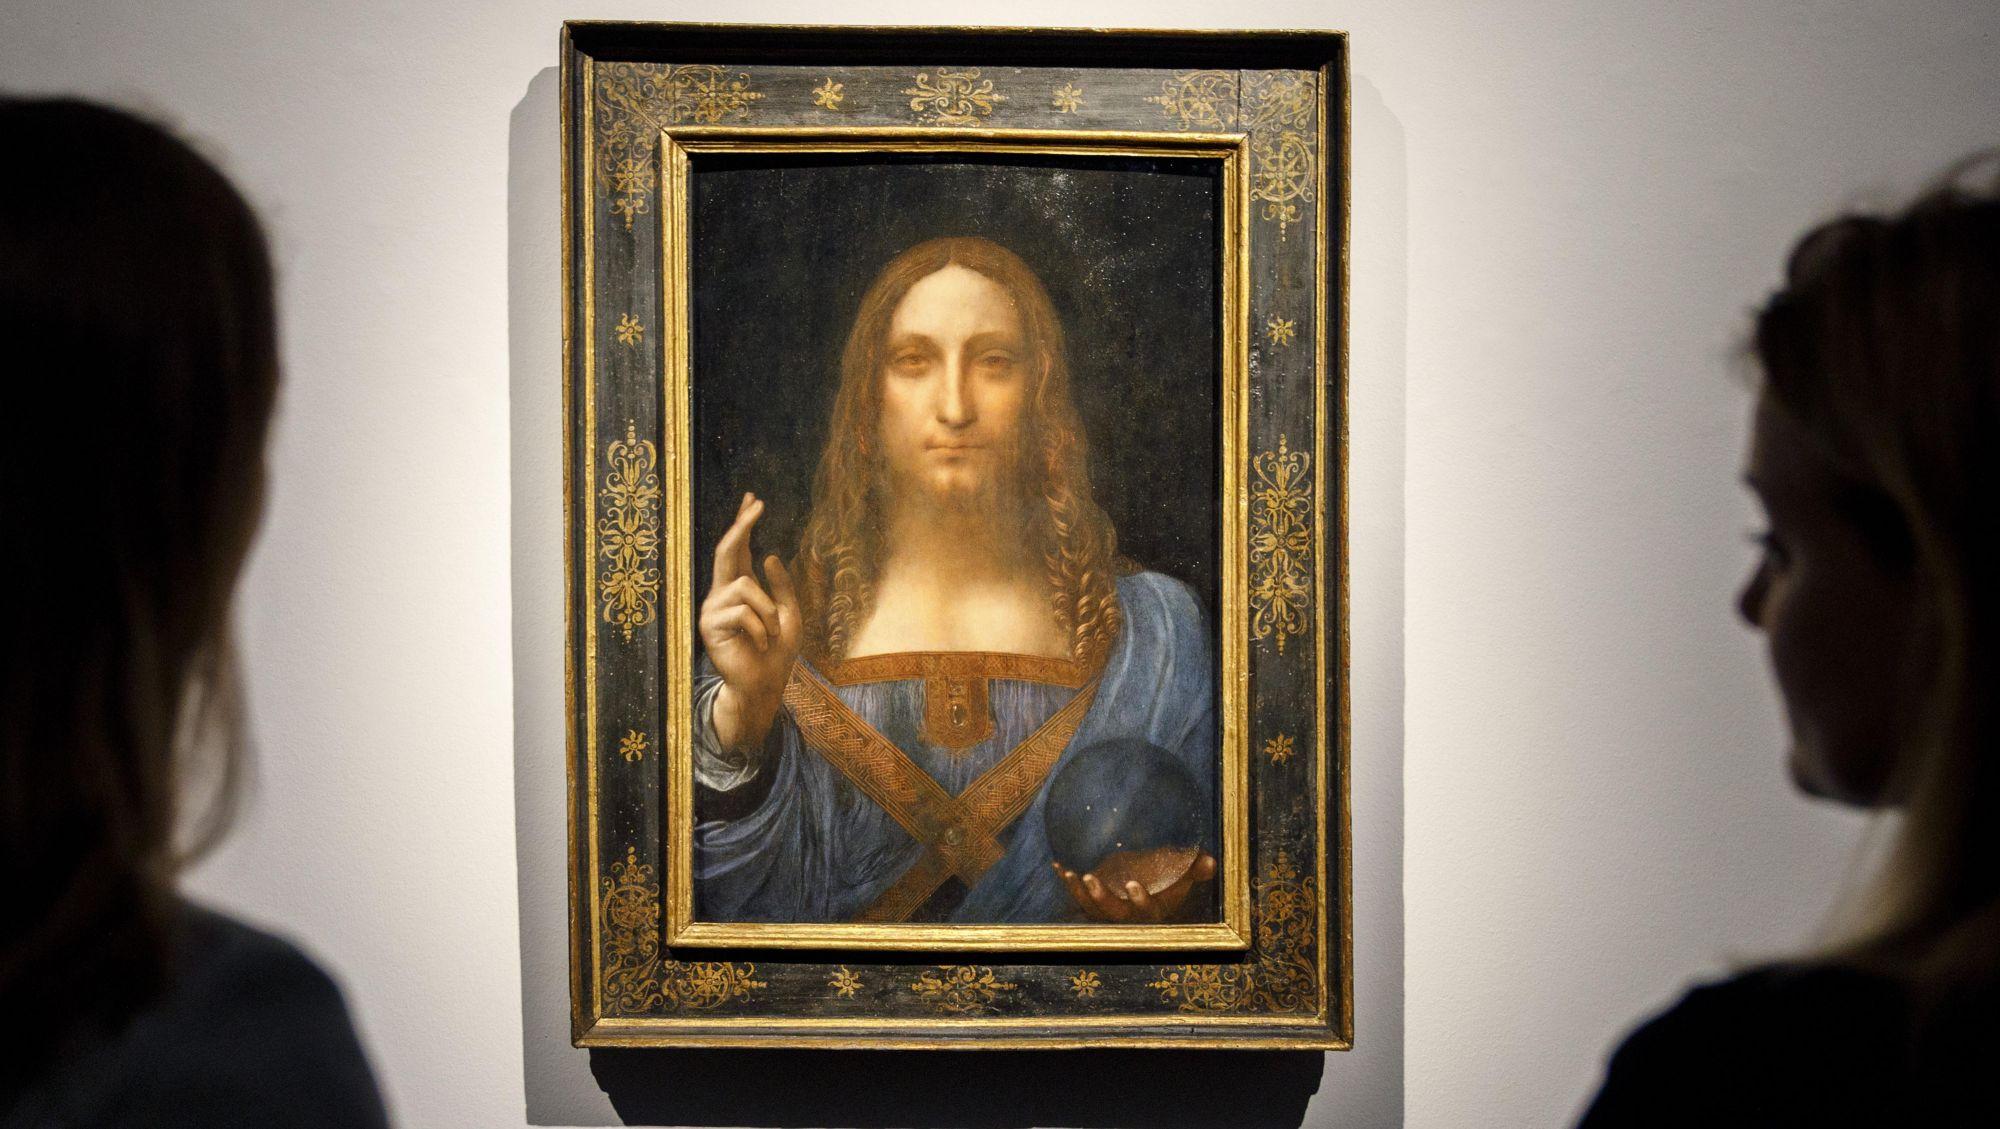 Secret Buyer Of $450 Million Leonardo da Vinci Painting Revealed